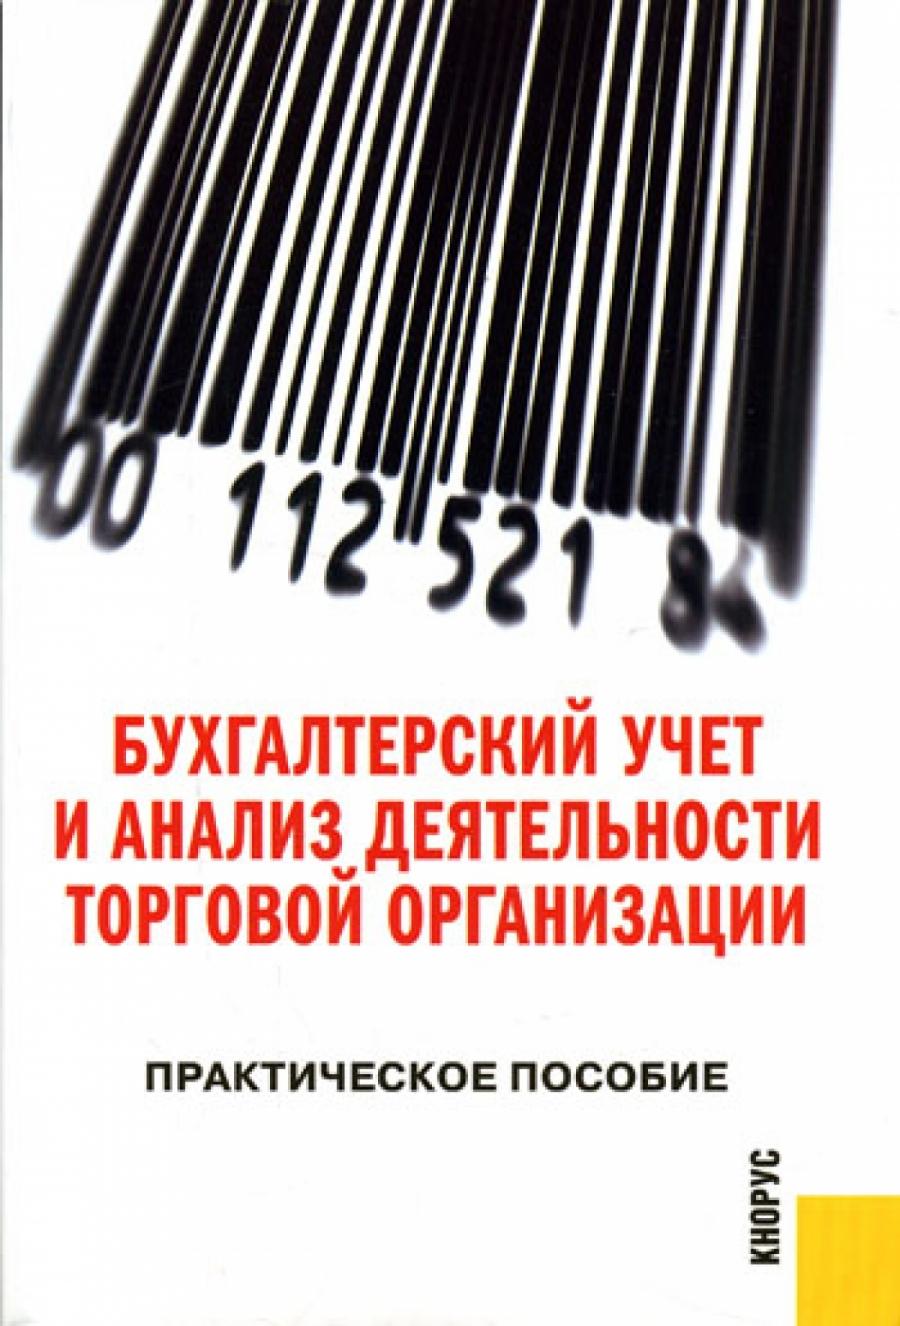 Обложка книги:  э.и. крылов - бухгалтерский учет и анализ деятельности торговой организации